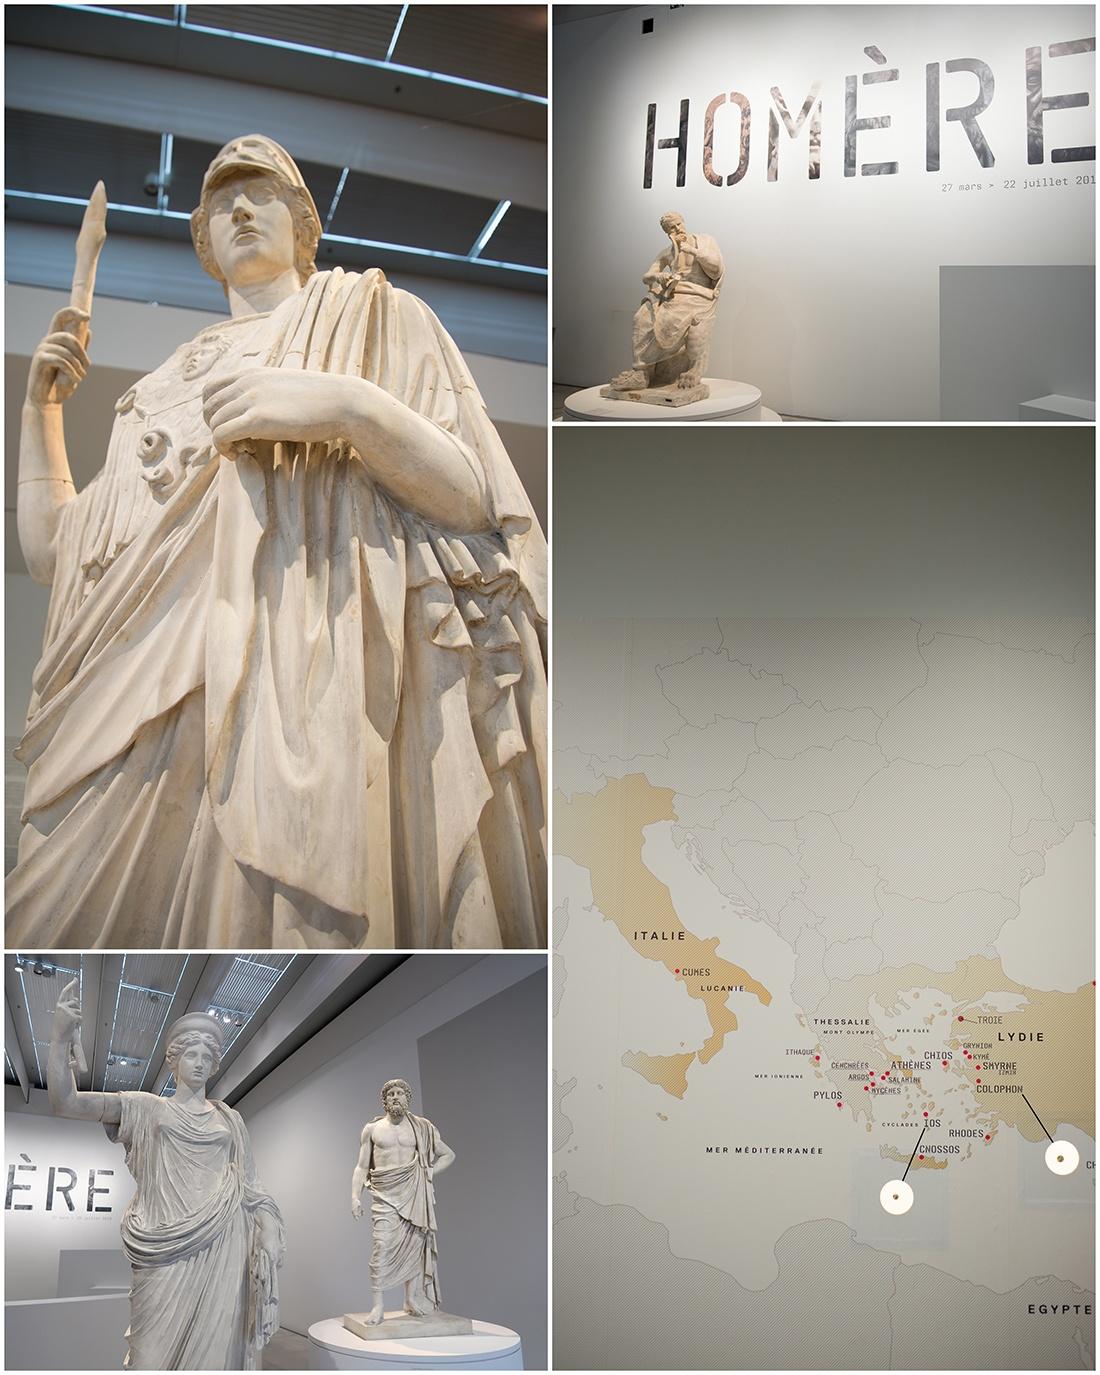 visite de l'exposition Homère, musée du louvre-Lens